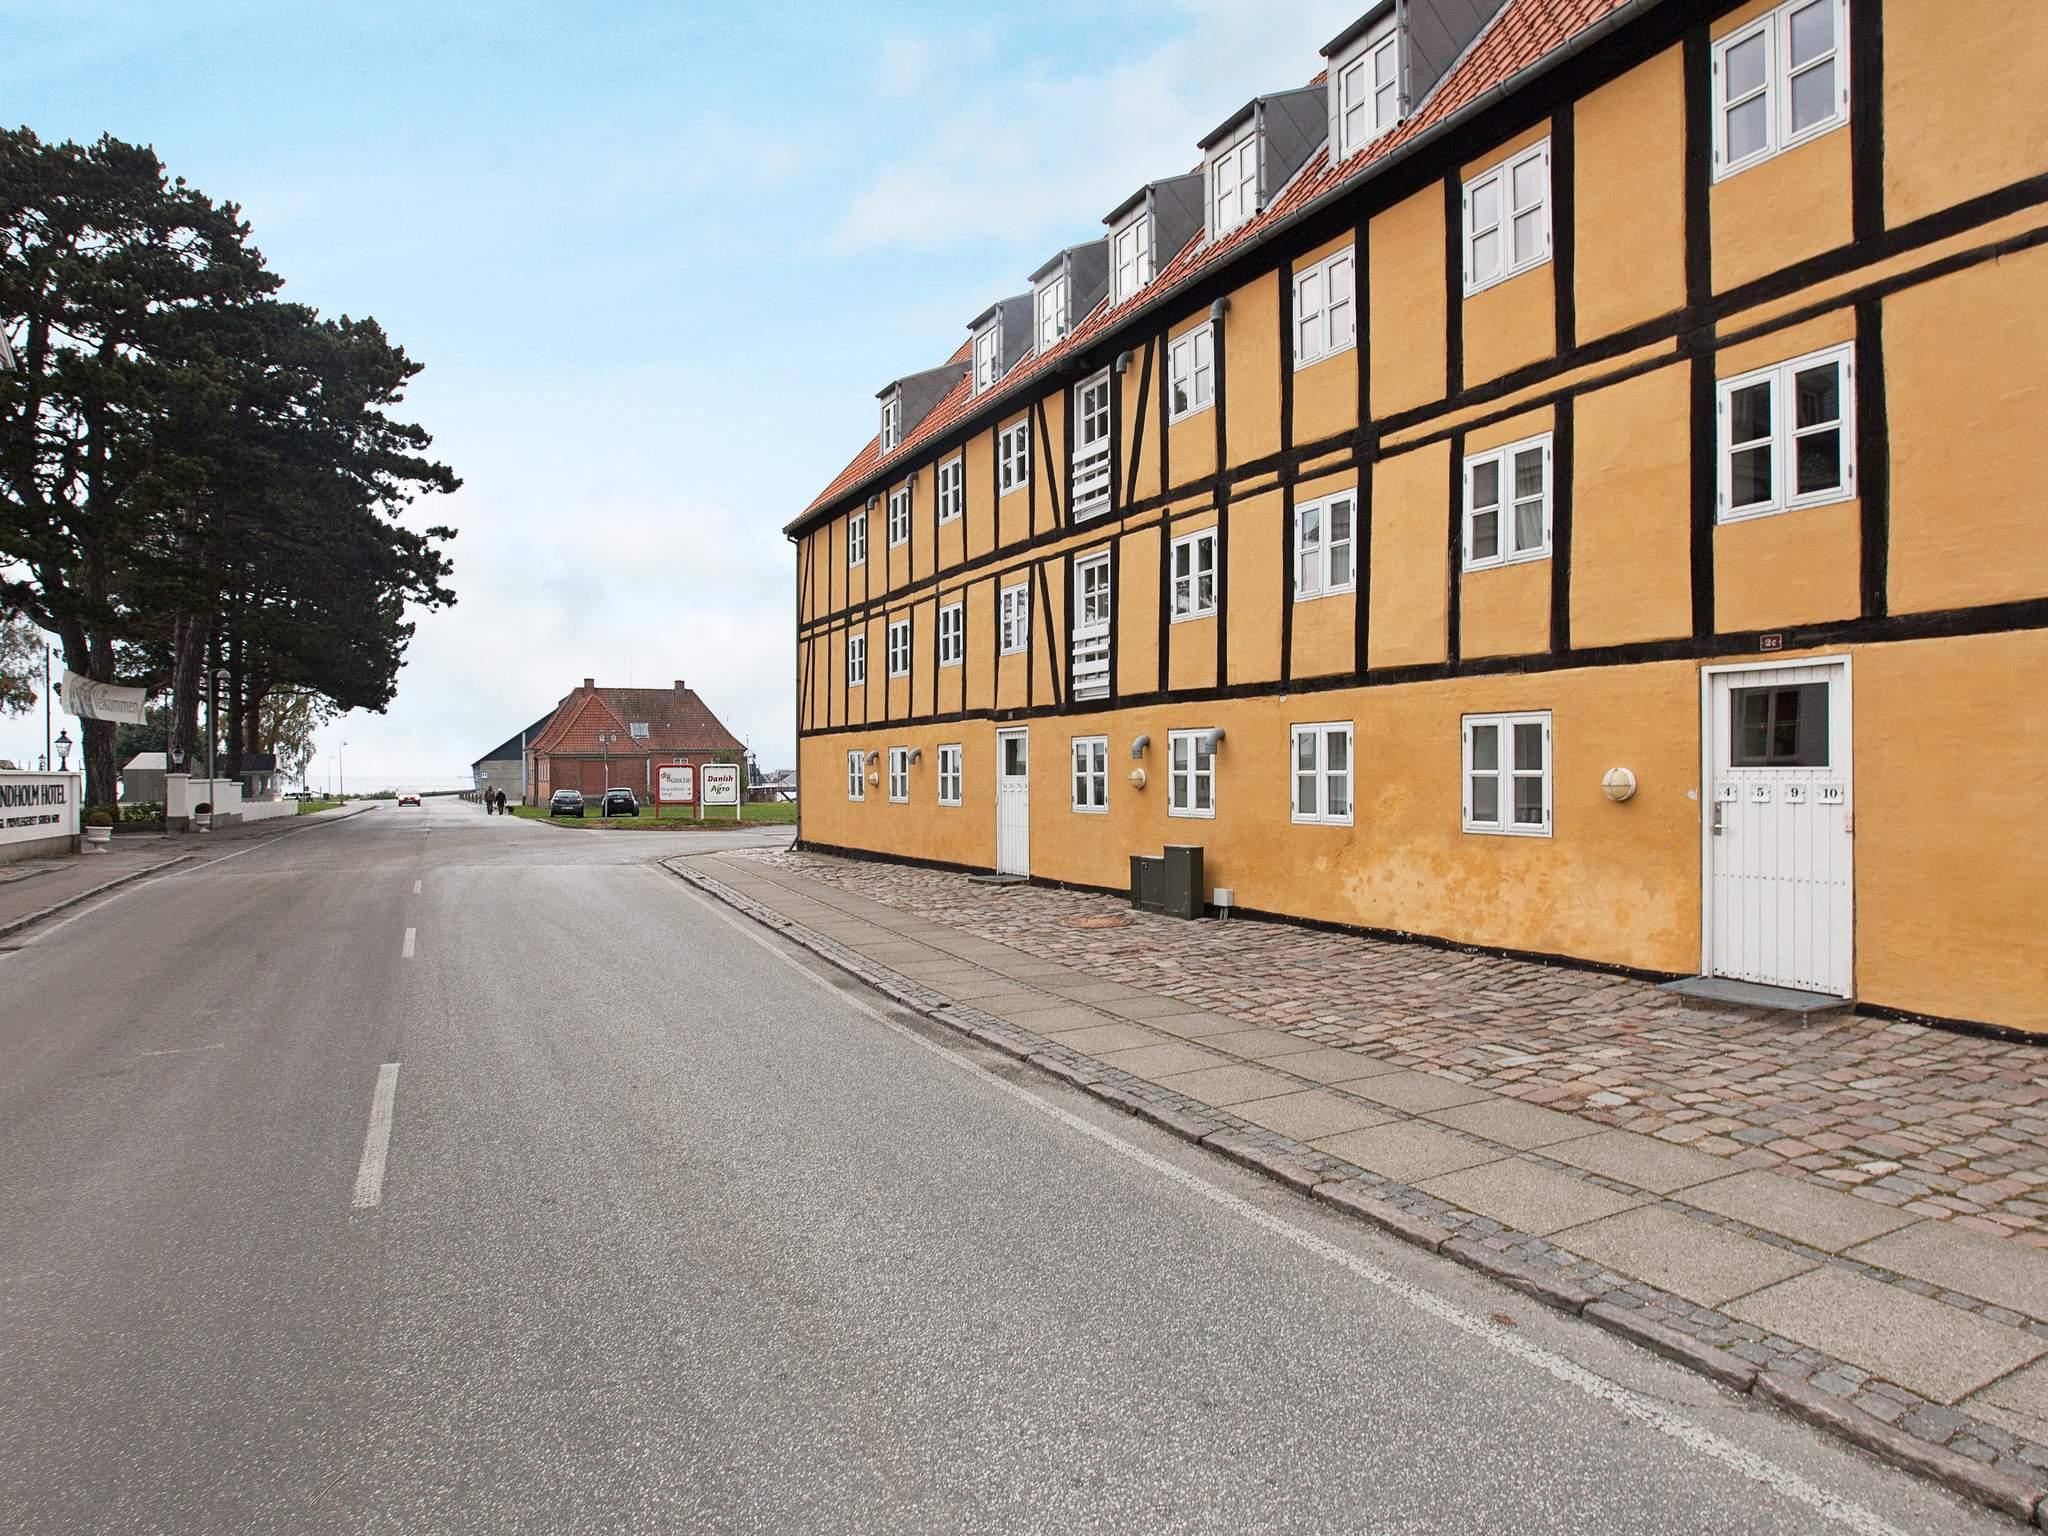 Ferienwohnung Bandholm (1718018), Bandholm, , Lolland, Dänemark, Bild 3